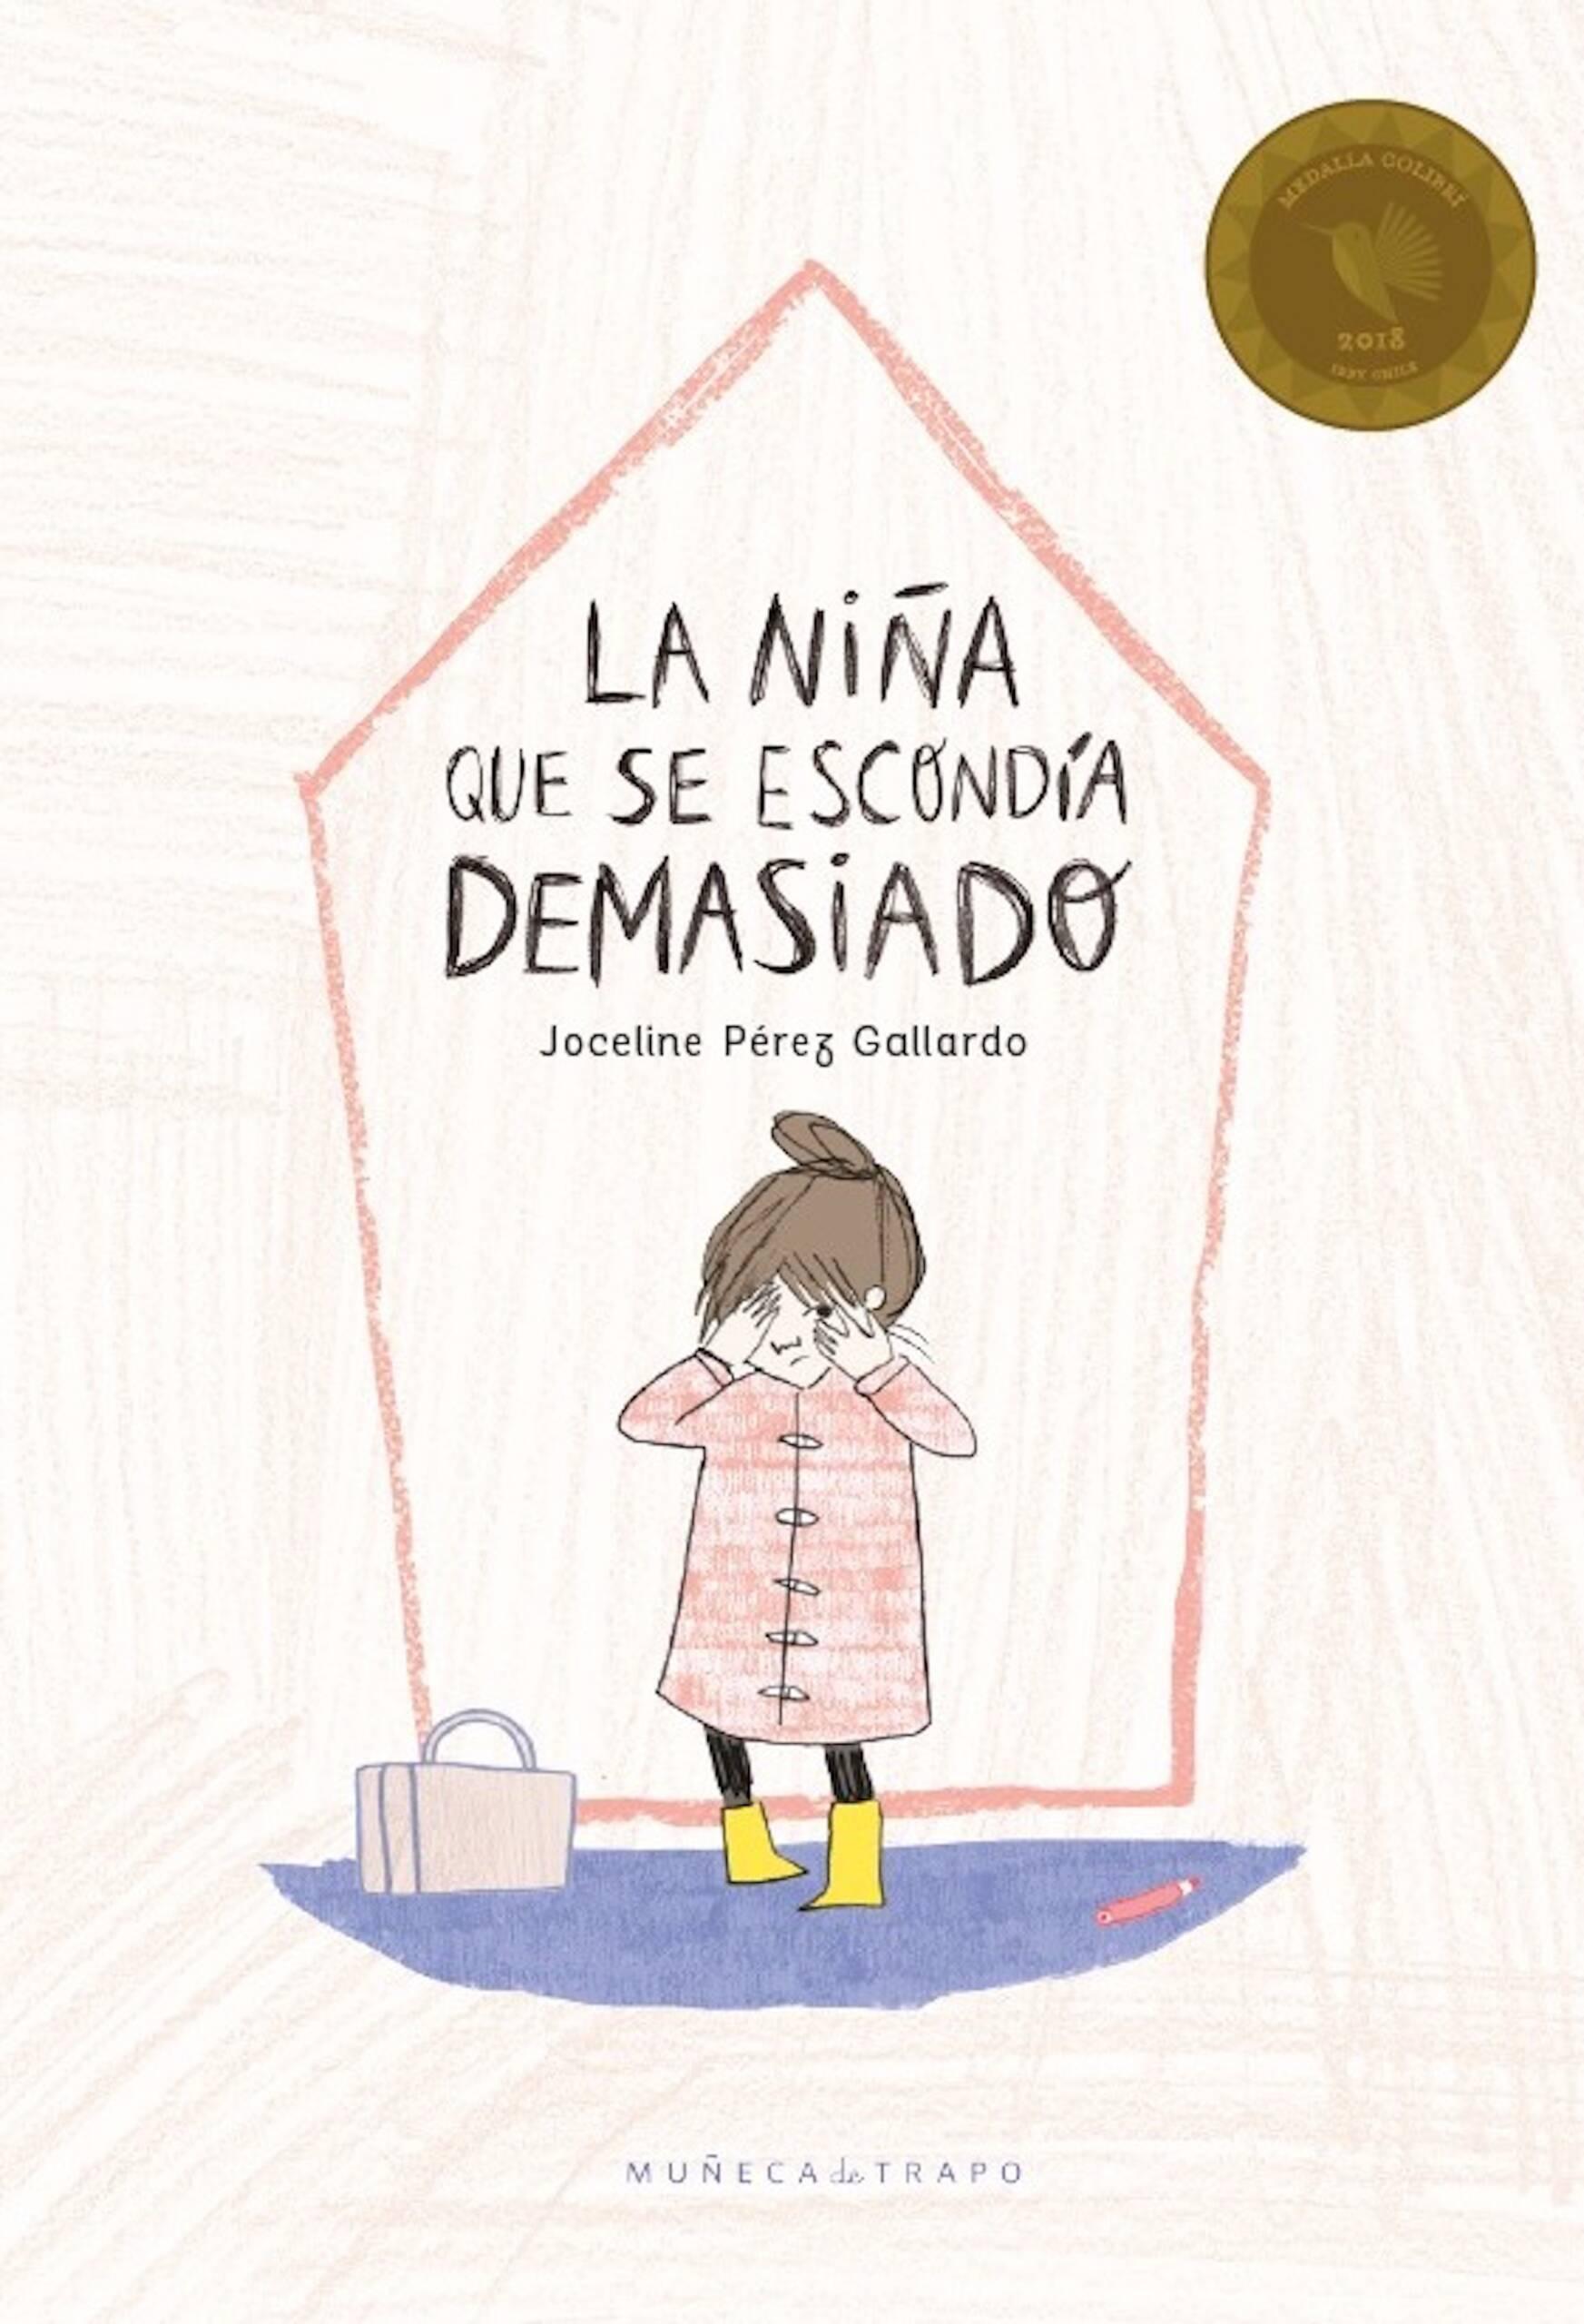 La niña que se escondía demasiado llega a una gran casa donde hay muchos otros niños tan pequeños como ella. Todos